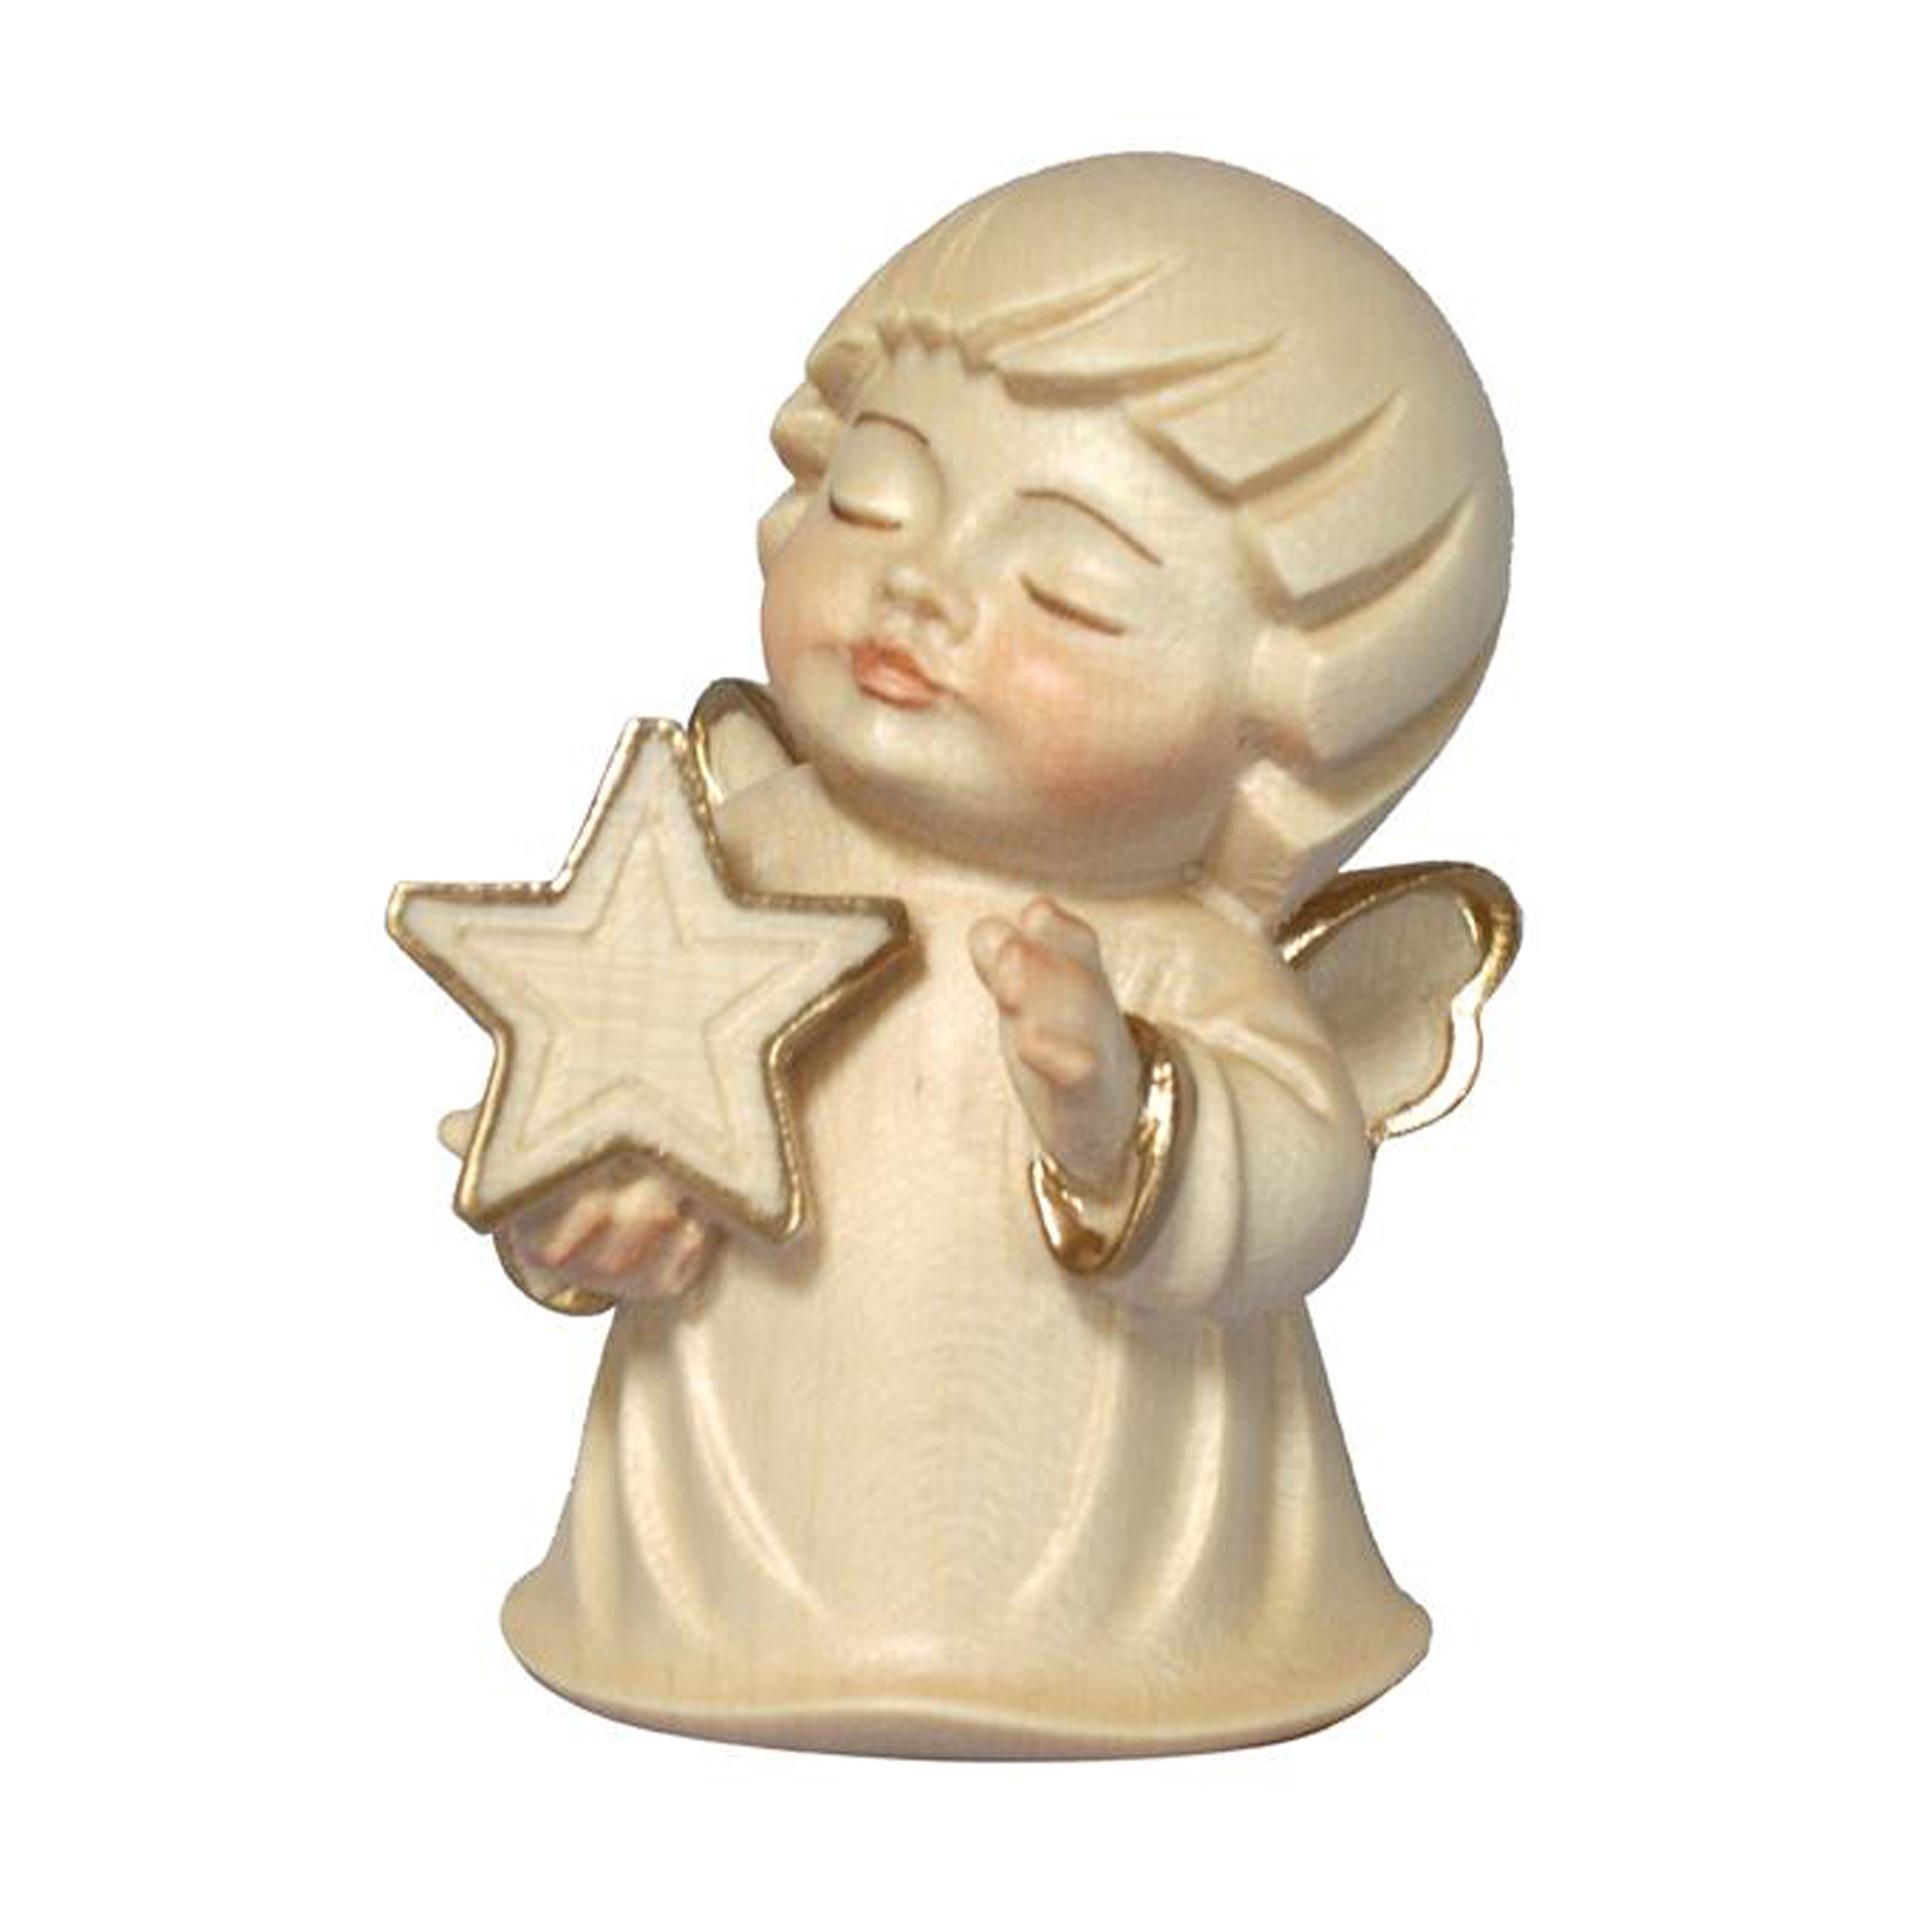 Engel mit Stern, alabaster